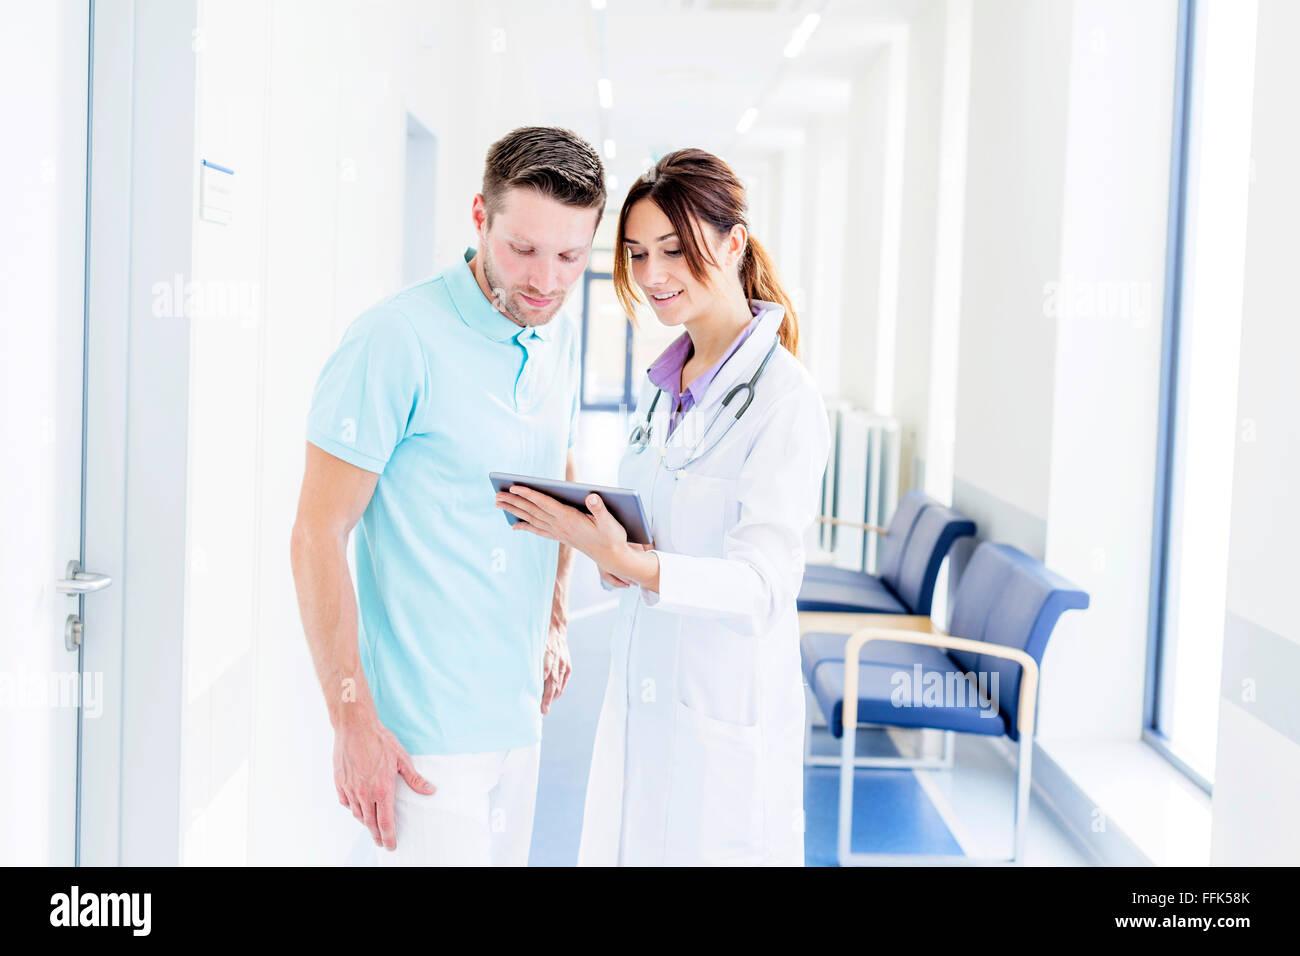 Maschio e femmina medico in ospedale corridoio con tavoletta digitale Immagini Stock